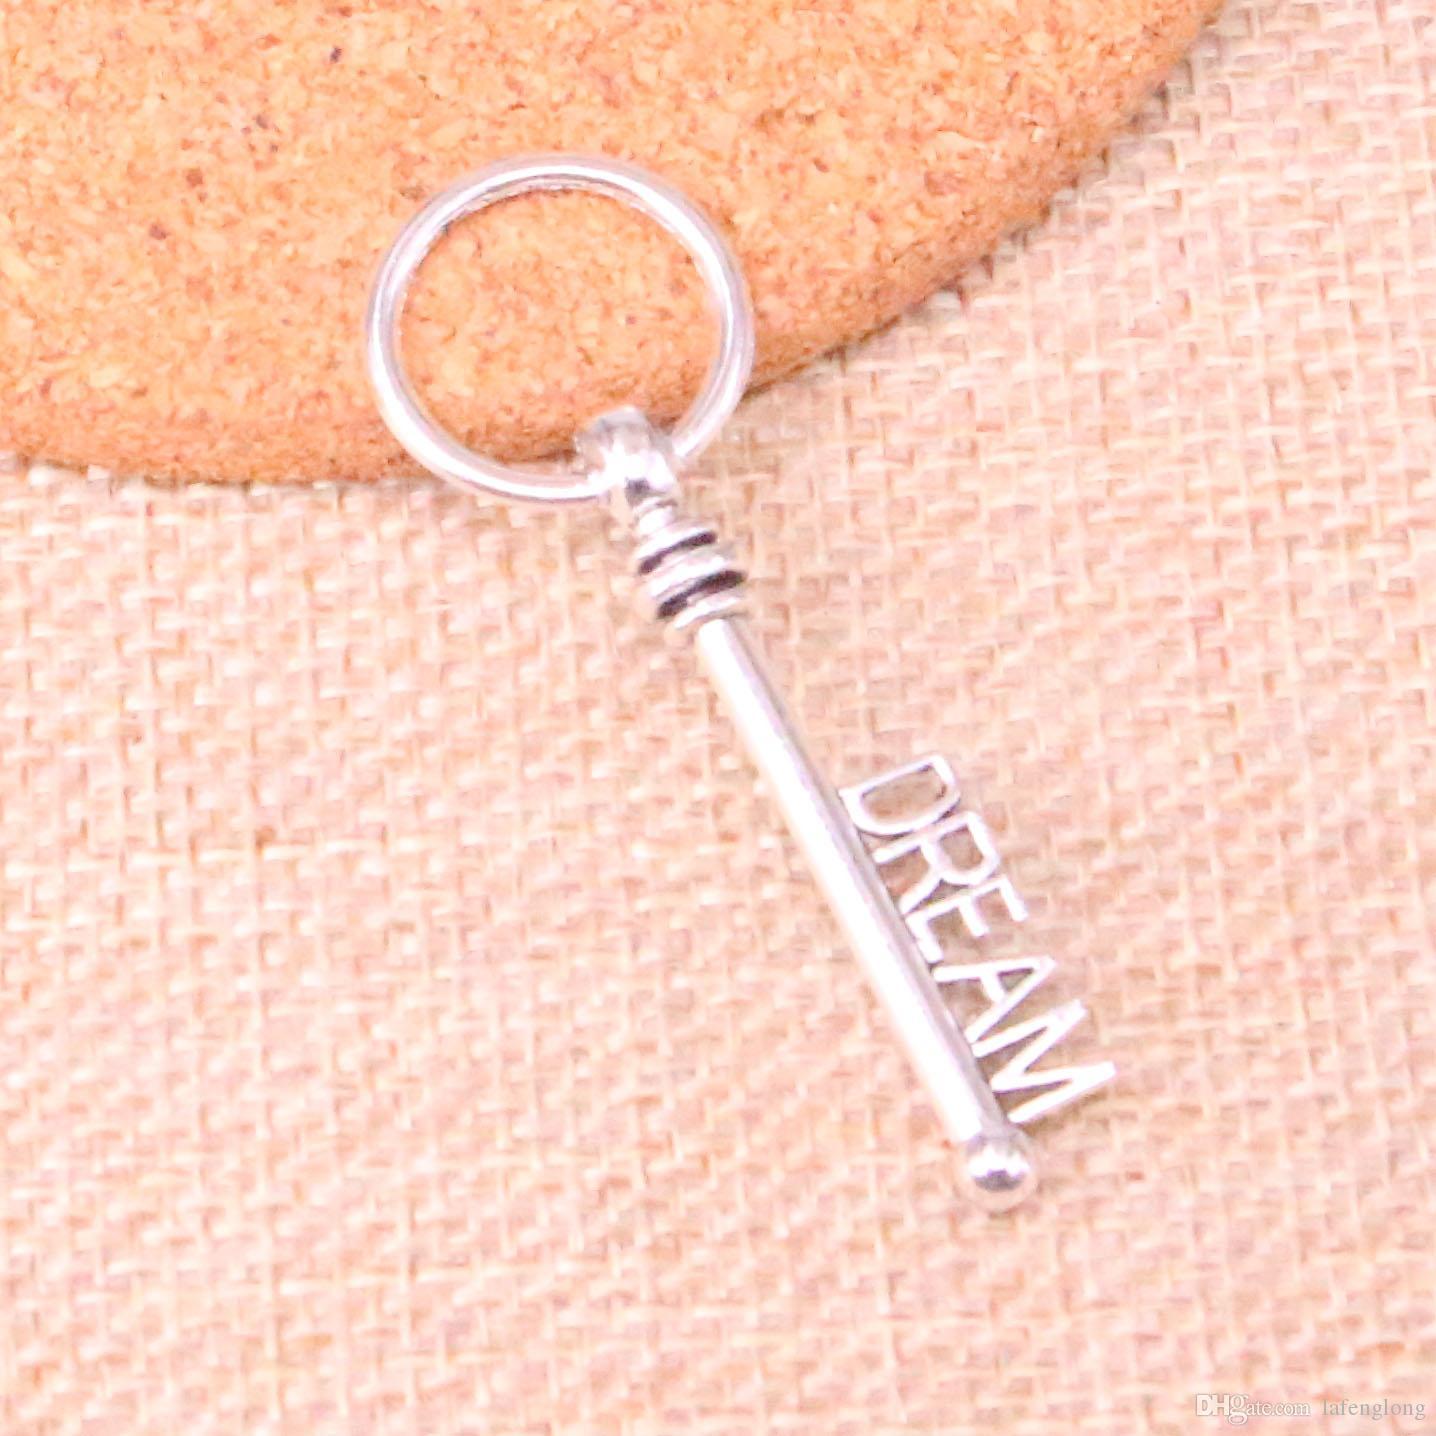 48 шт. Античный посеребренная скелет ключ мечта подвески подвески подходят решений браслет ожерелье ювелирных изделий ювелирные изделия Diy Craft 51 мм